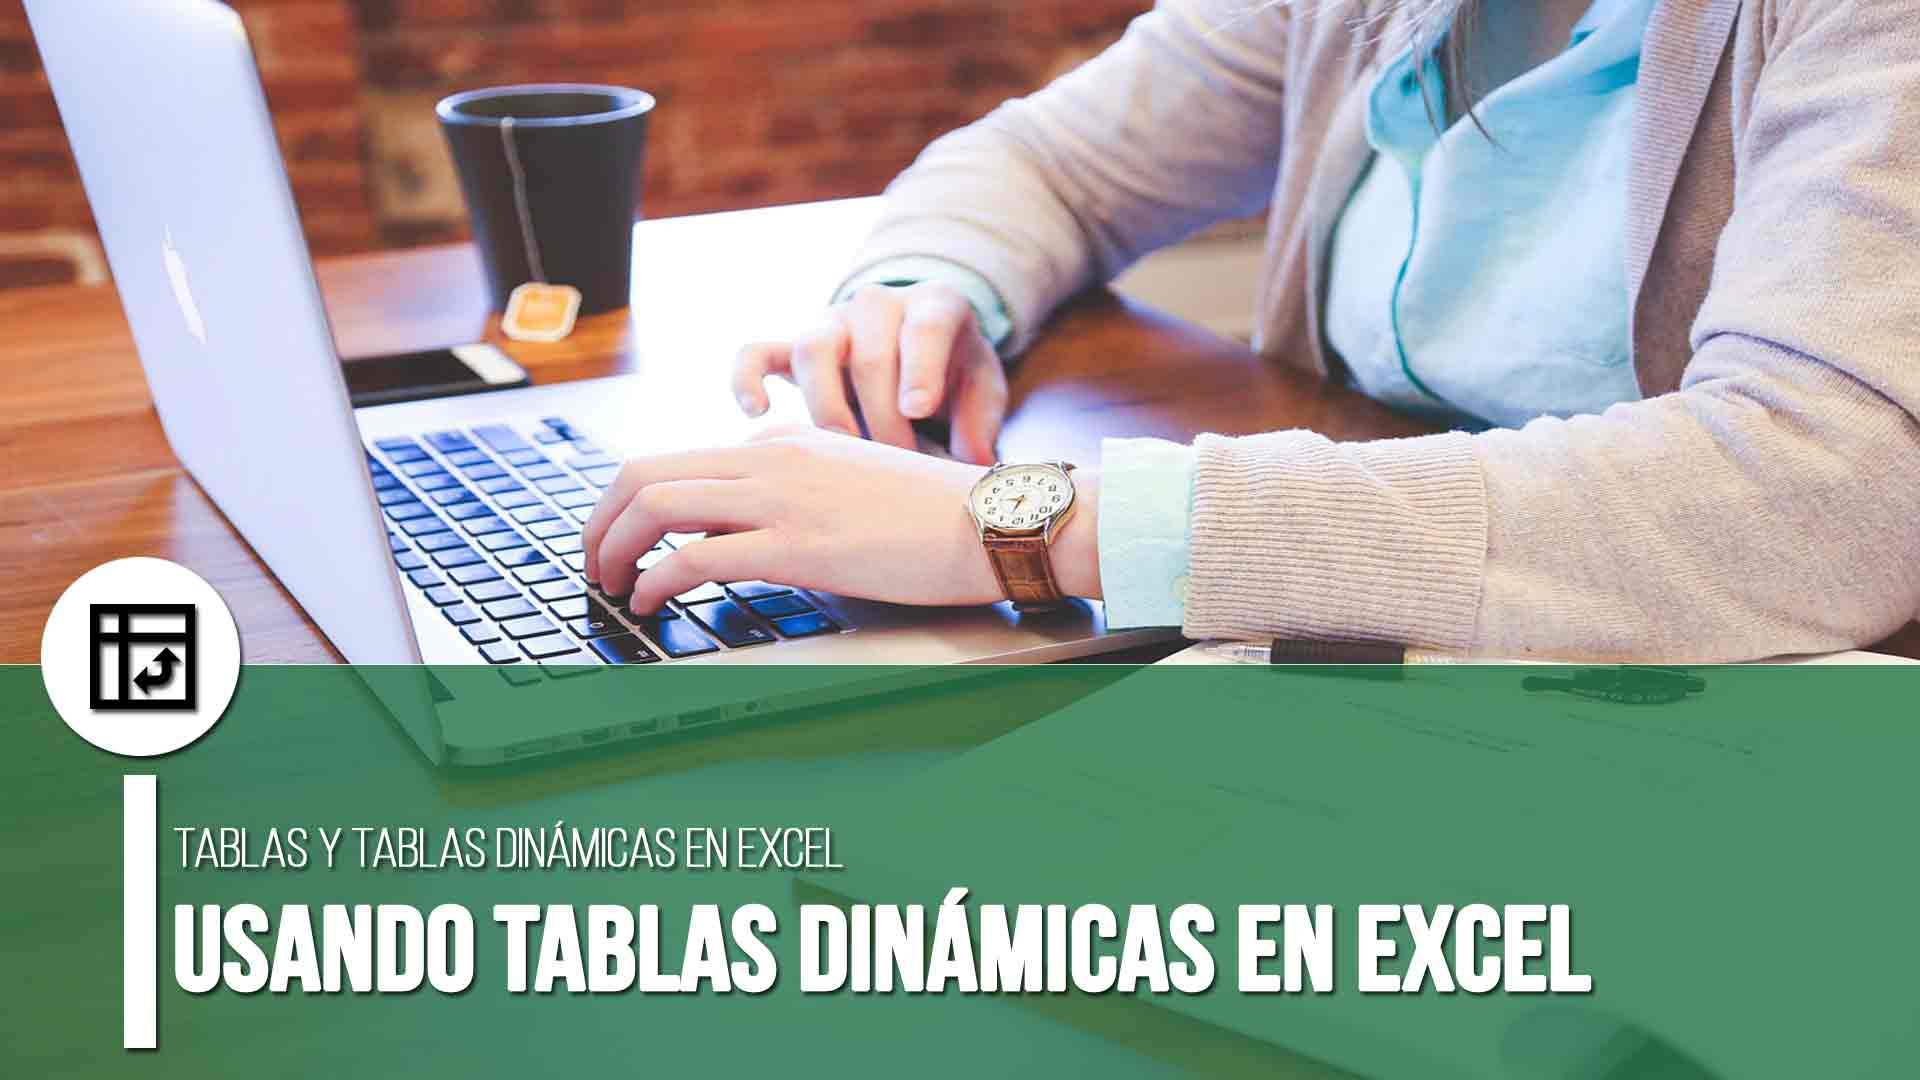 Usando tablas dinámicas en Excel